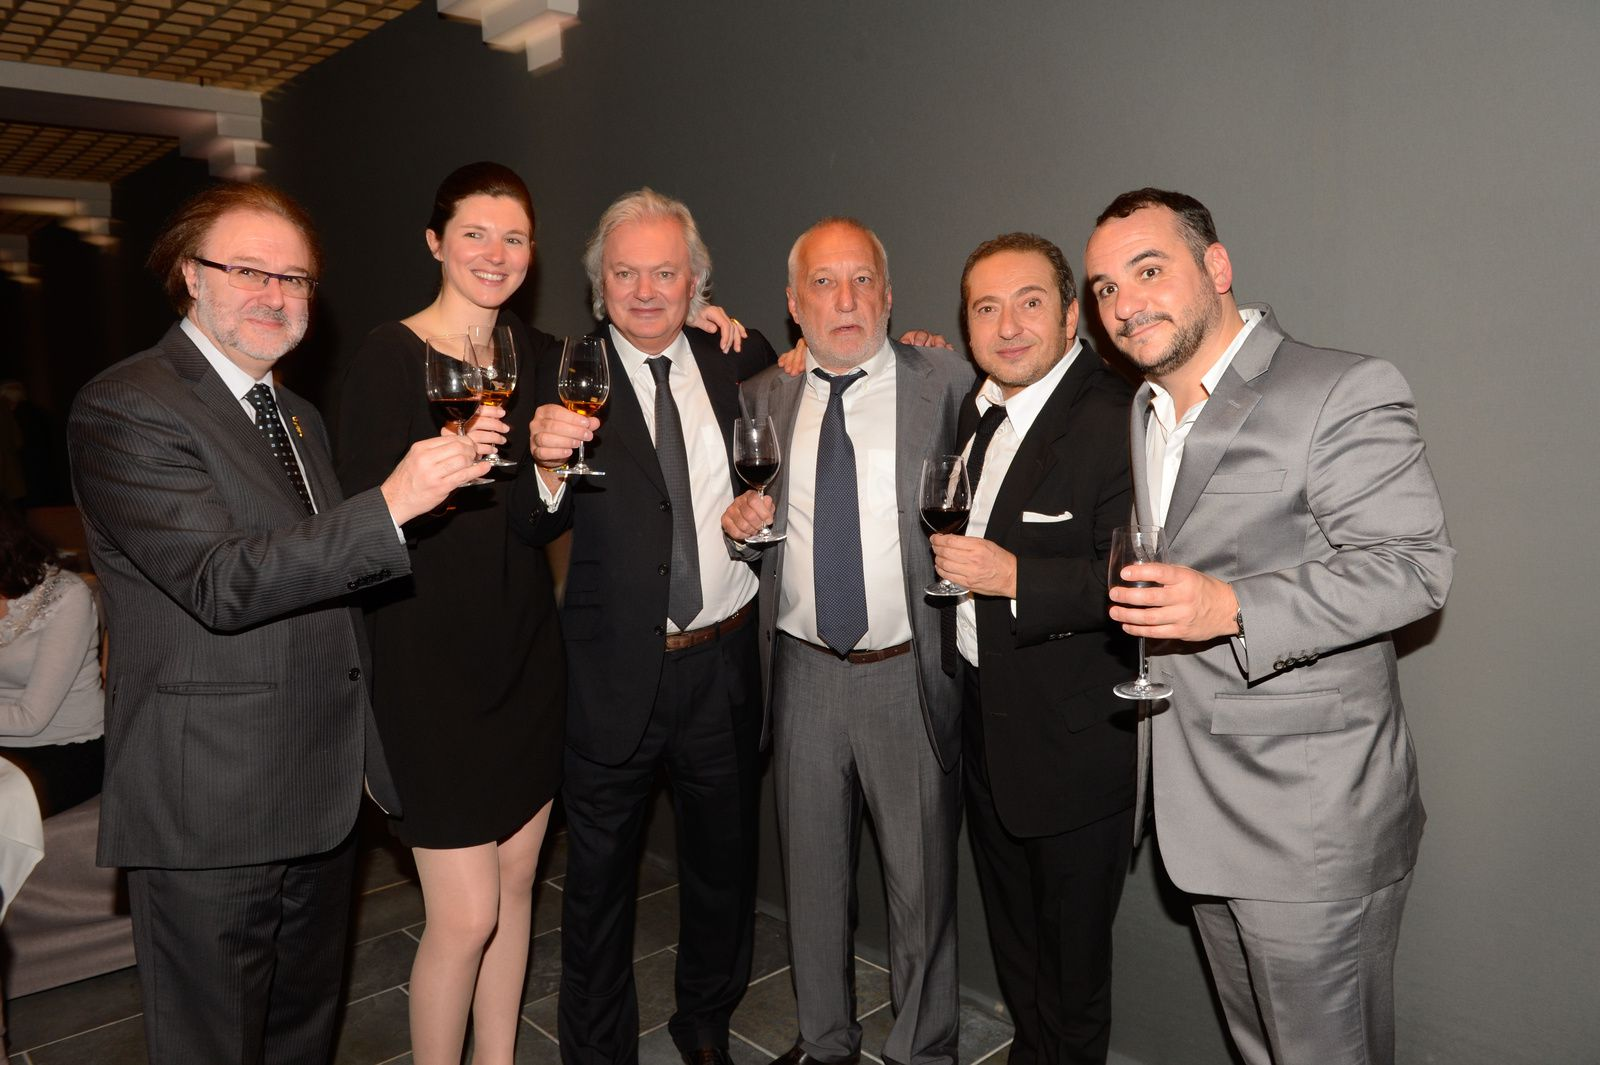 Philippe Faure-Brac, Stéphanie et Hubert de Boüard, François Berléand, Patrick Timsit et François-Xavier Demaison. Très en forme, le trio d'acteurs !